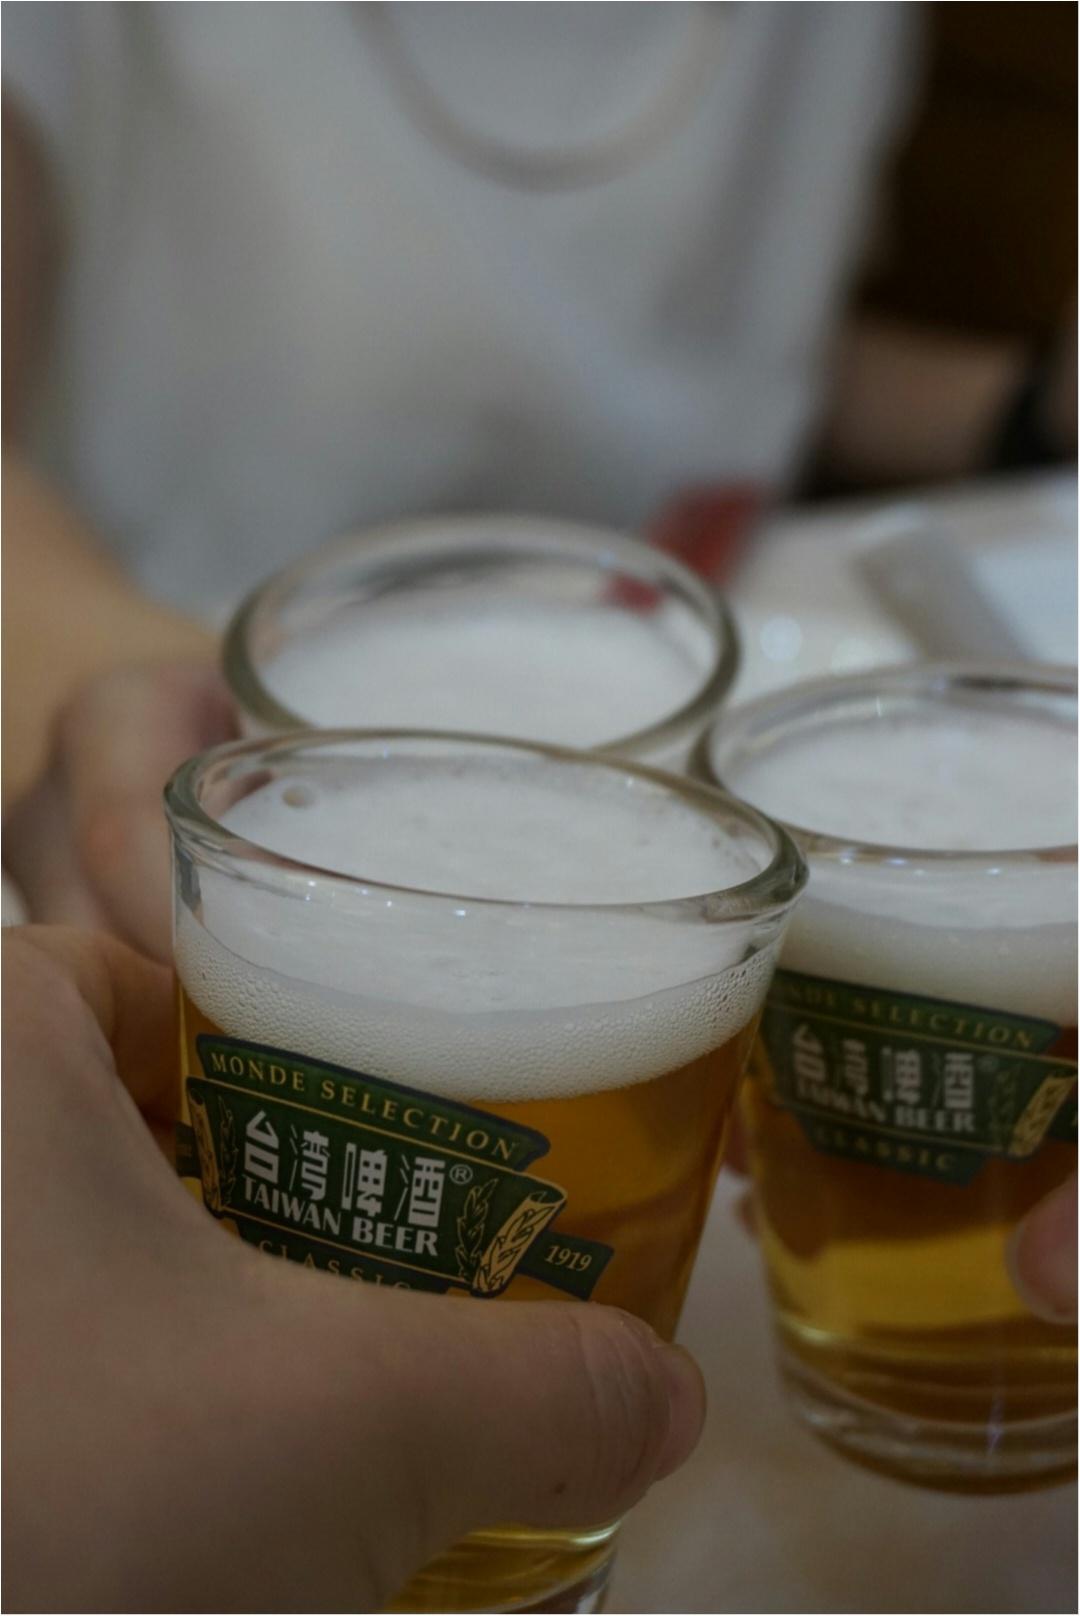 台湾のおしゃれなカフェ&食べ物特集 - 人気のタピオカや小籠包も! 台湾女子旅におすすめのグルメ情報まとめ_62